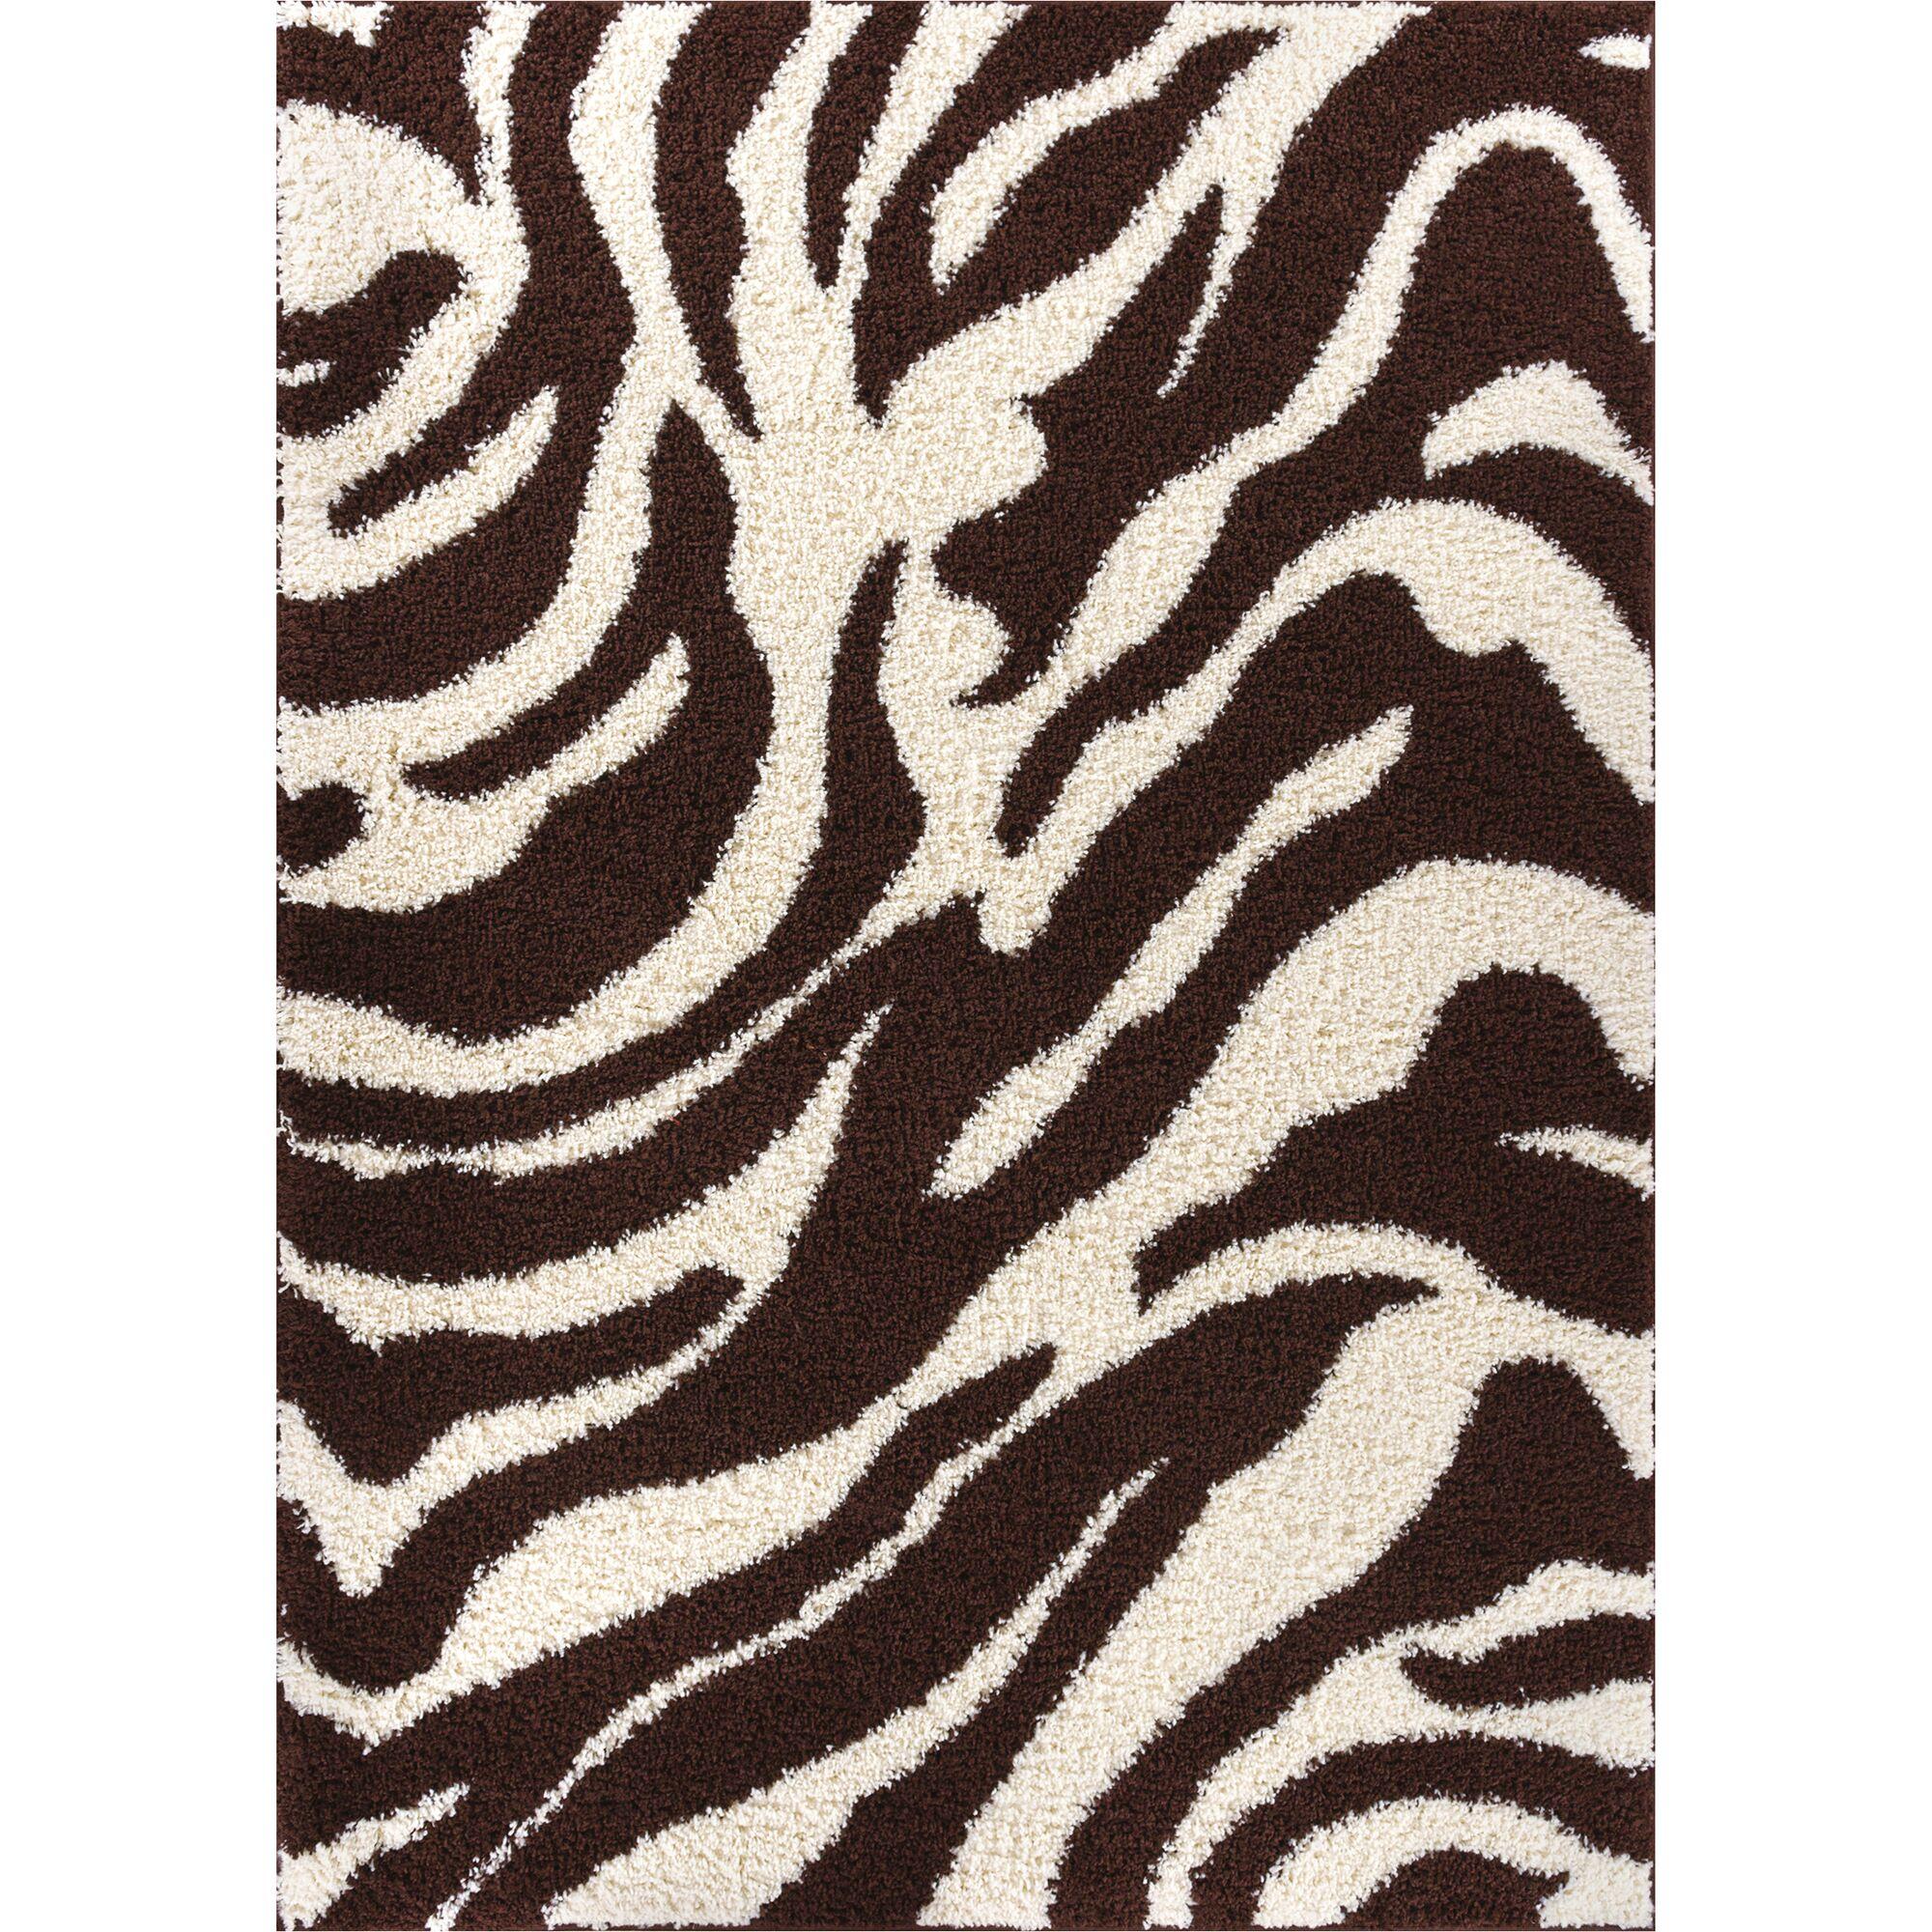 Madison Shag Brown Safari Area Rug Rug Size: 5' x 7'2